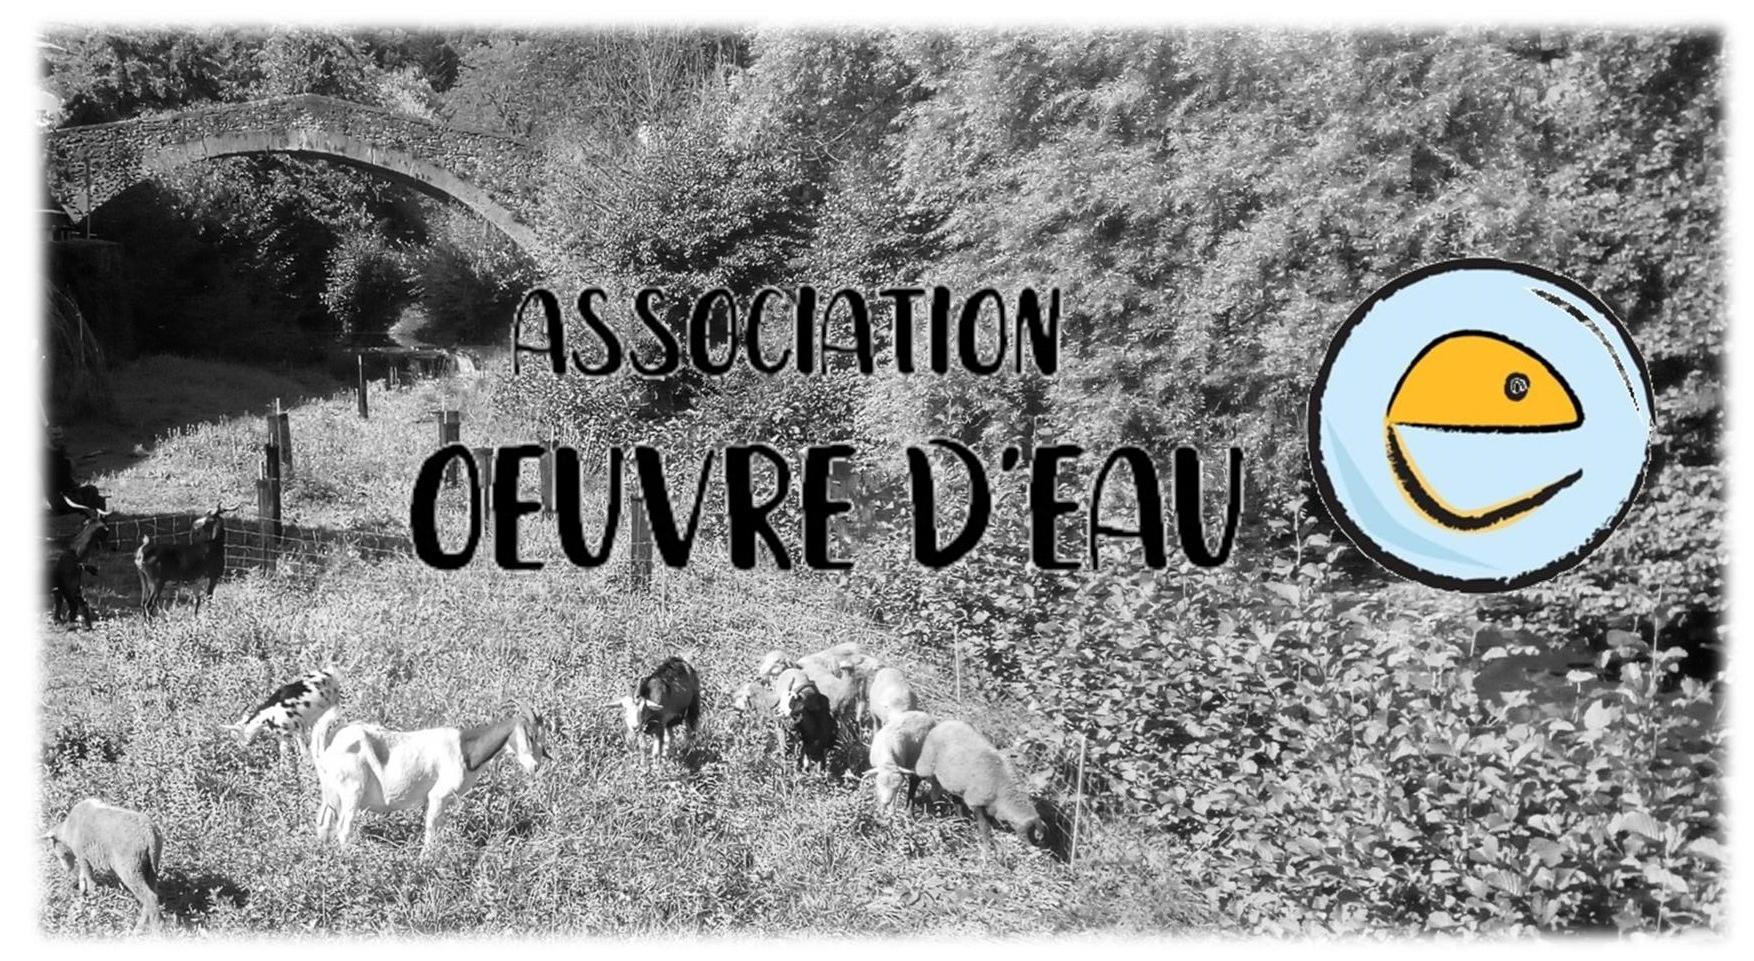 Association Oeuvre d'Eau